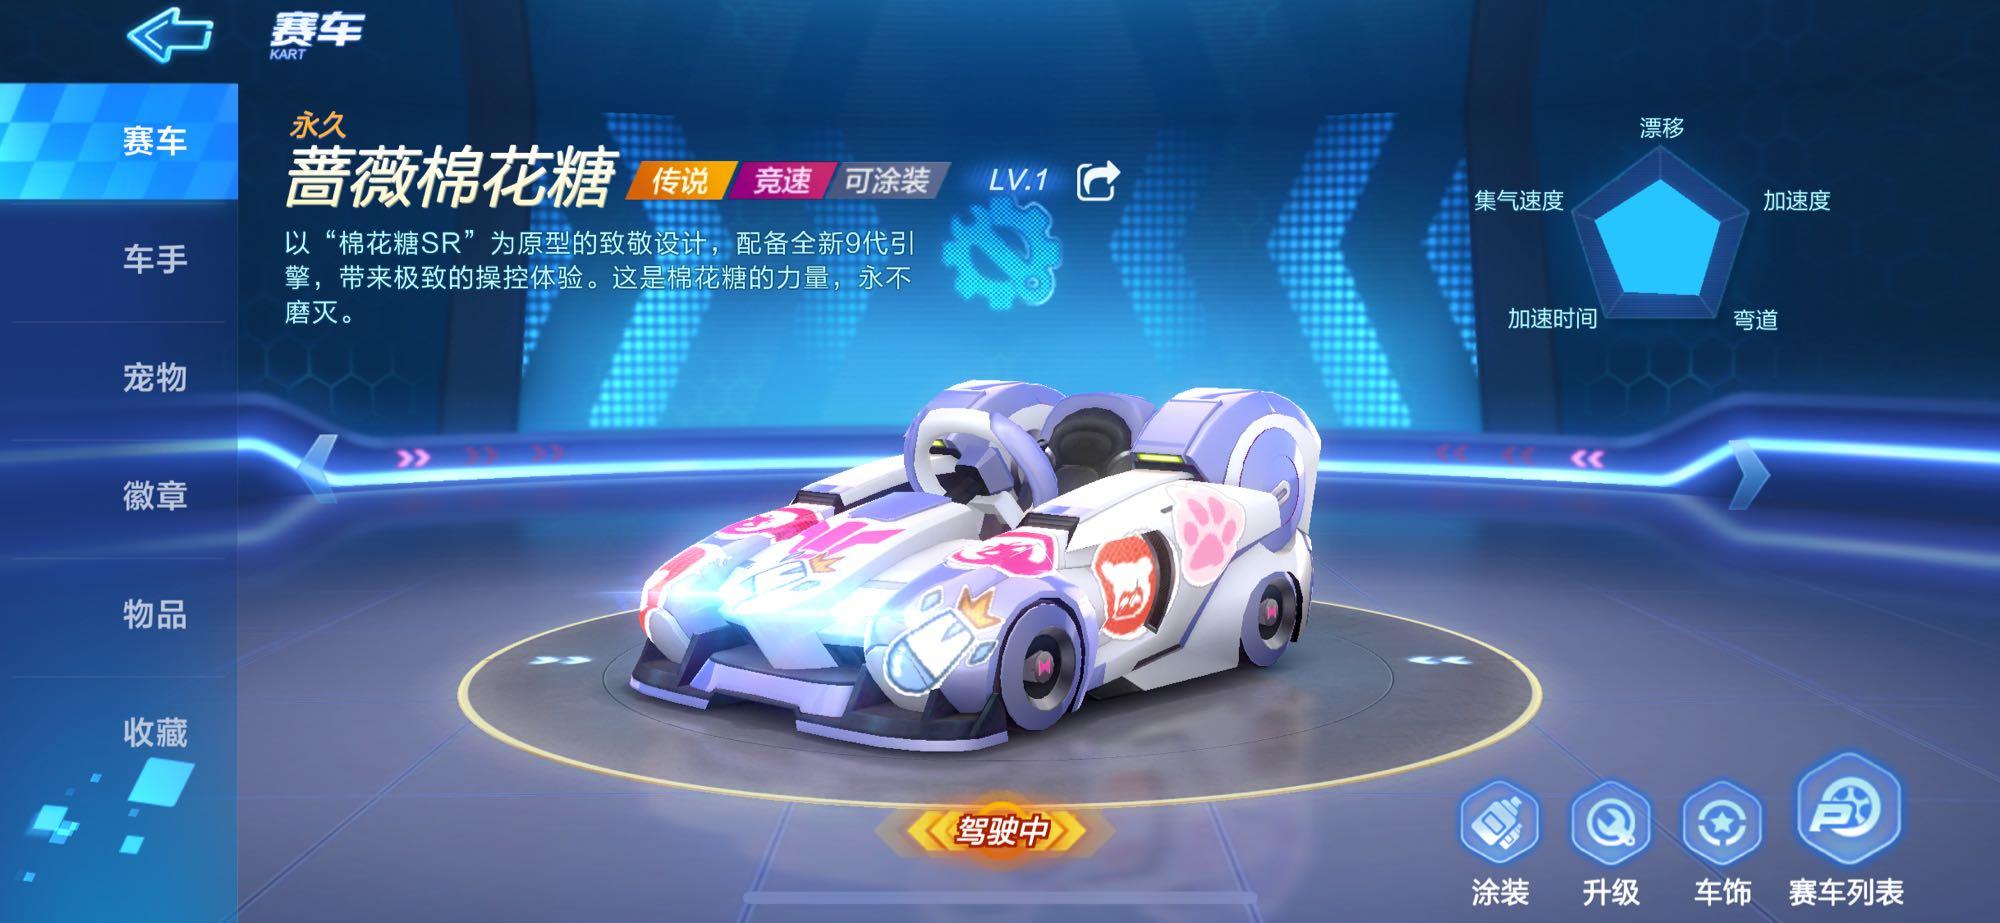 跑跑卡丁车手游赛车涂装喷漆详细讲解